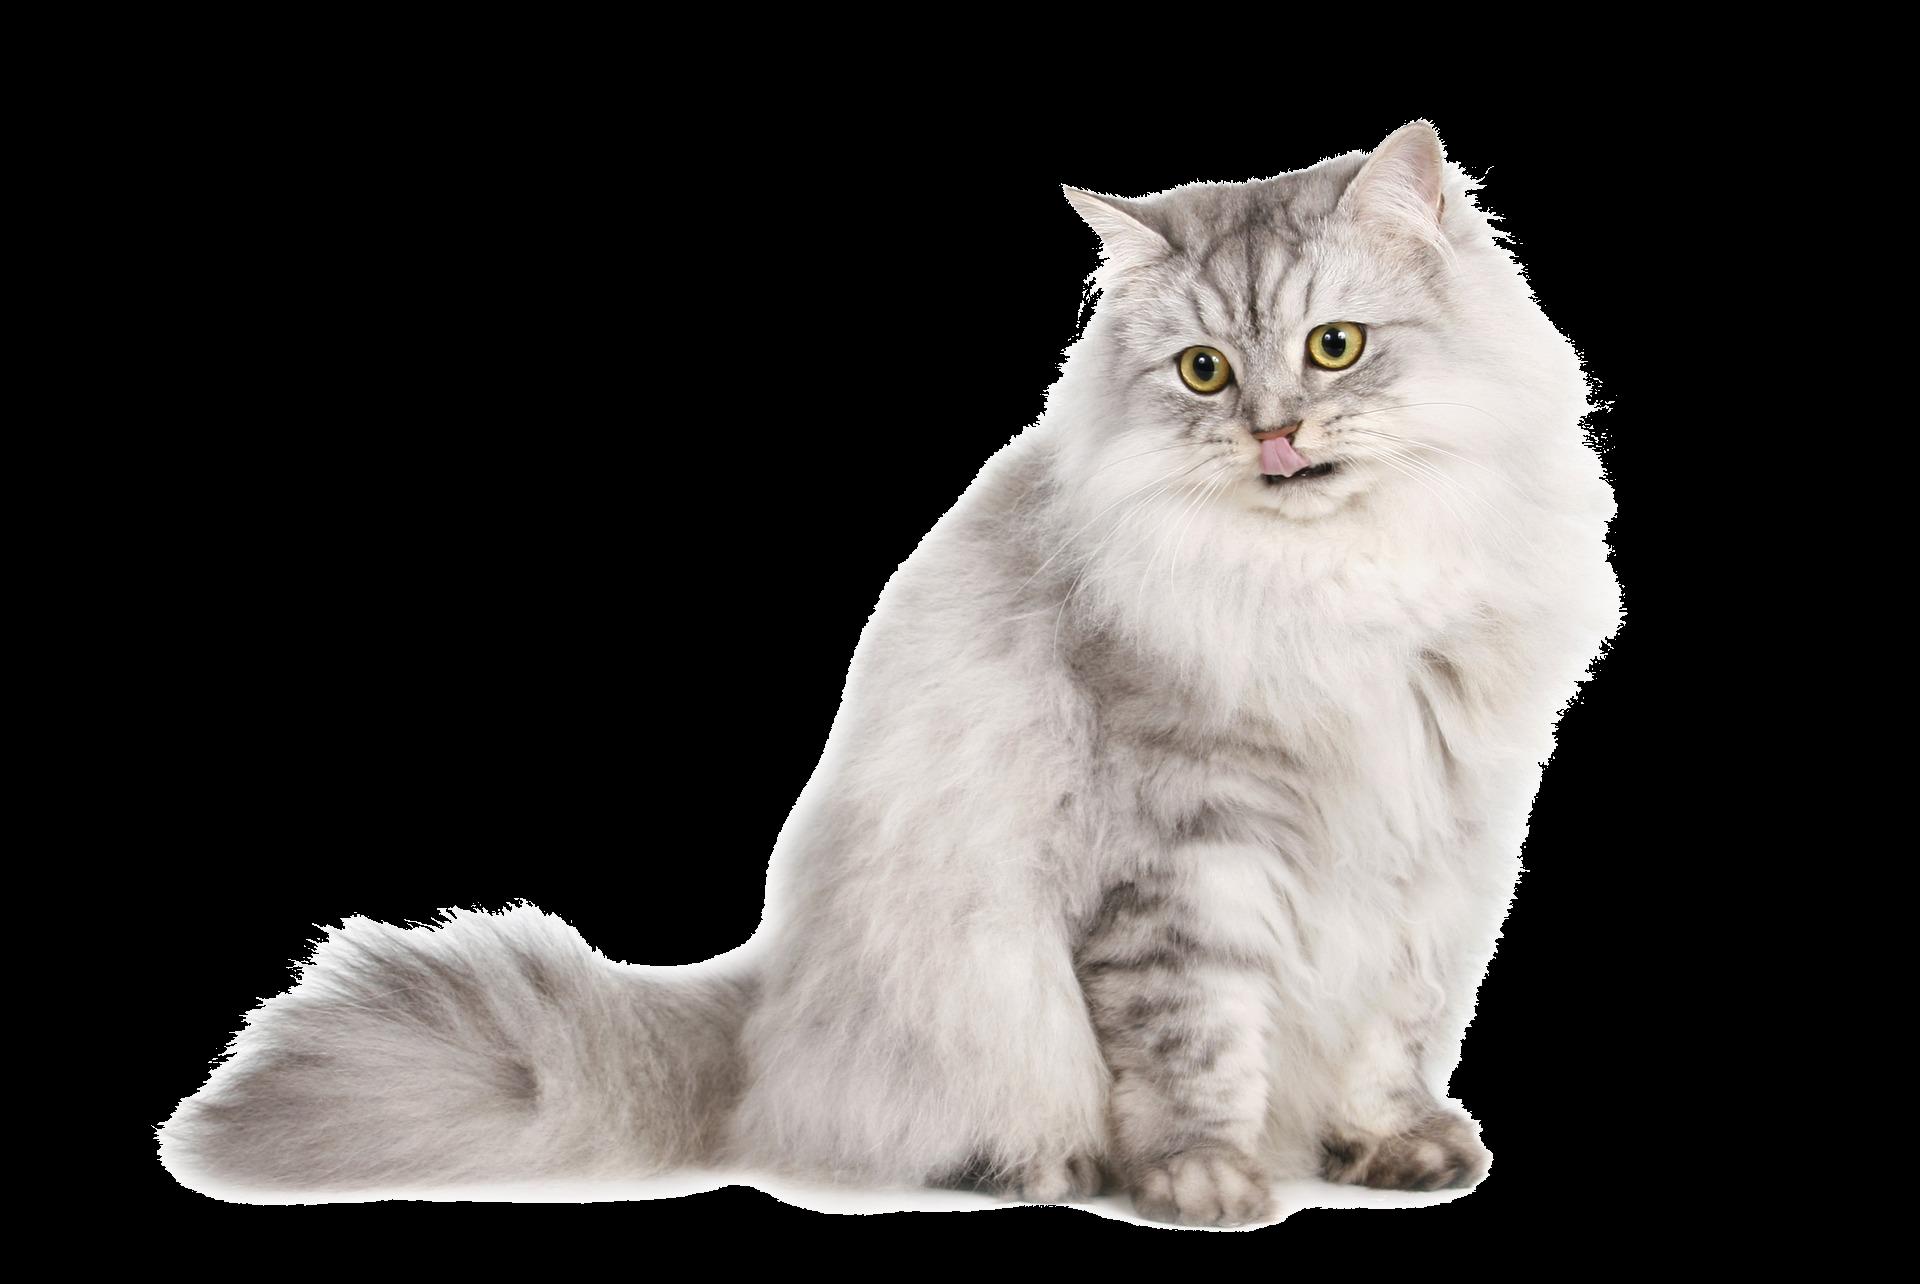 Cute Cat PNG Download Image.